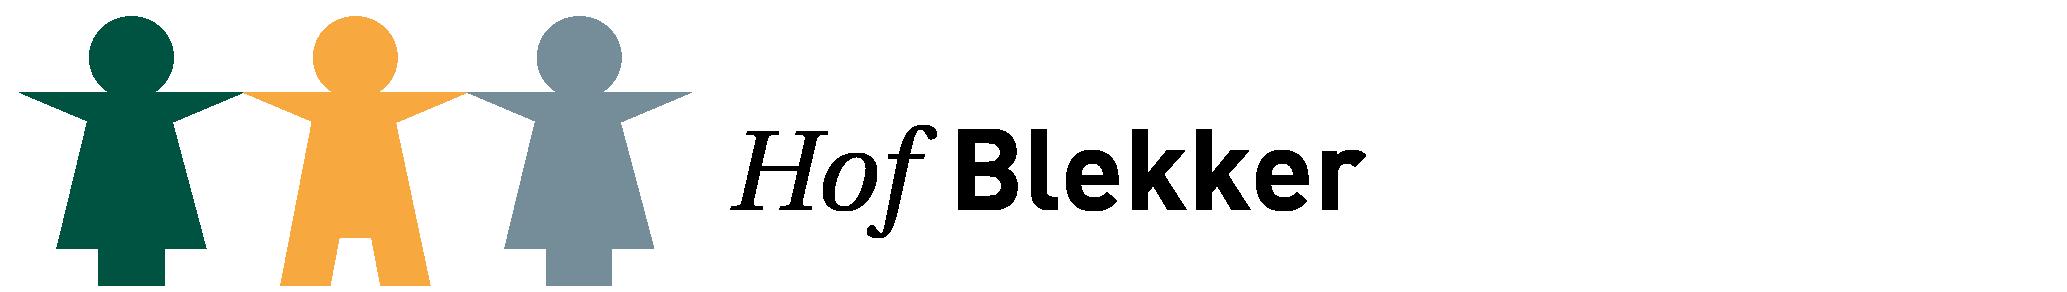 Hof Blekker